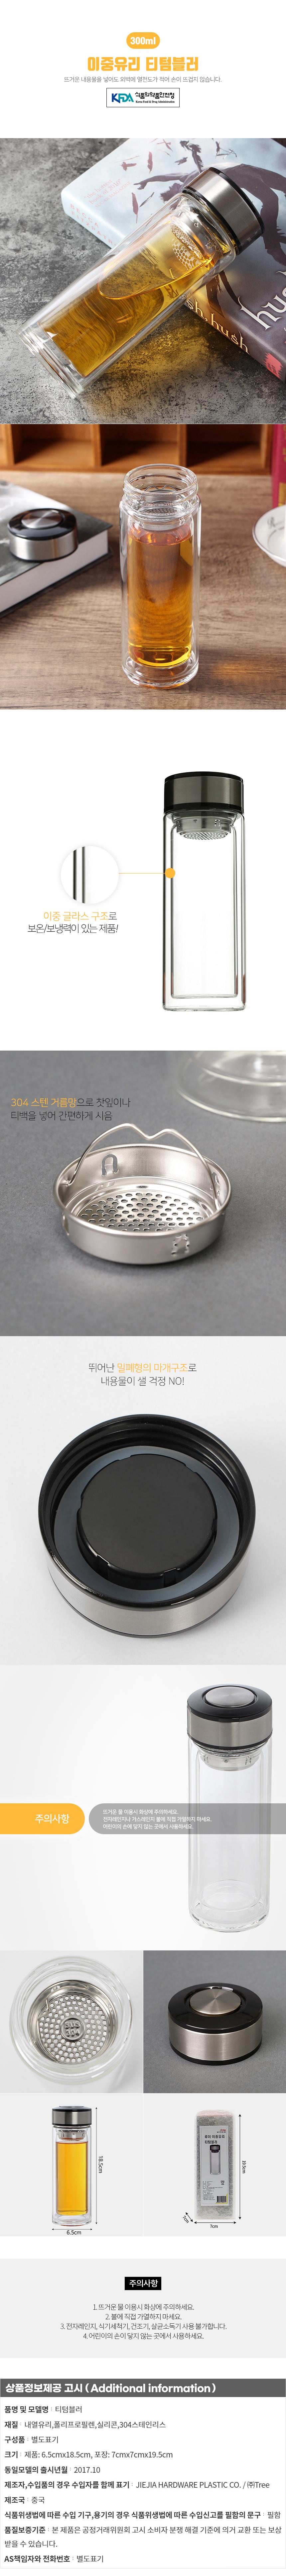 [로하티]루이스 이중유리 티텀블러/휴대용텀블러 물병 - 기프트갓, 7,450원, 보틀/텀블러, 키친 물병